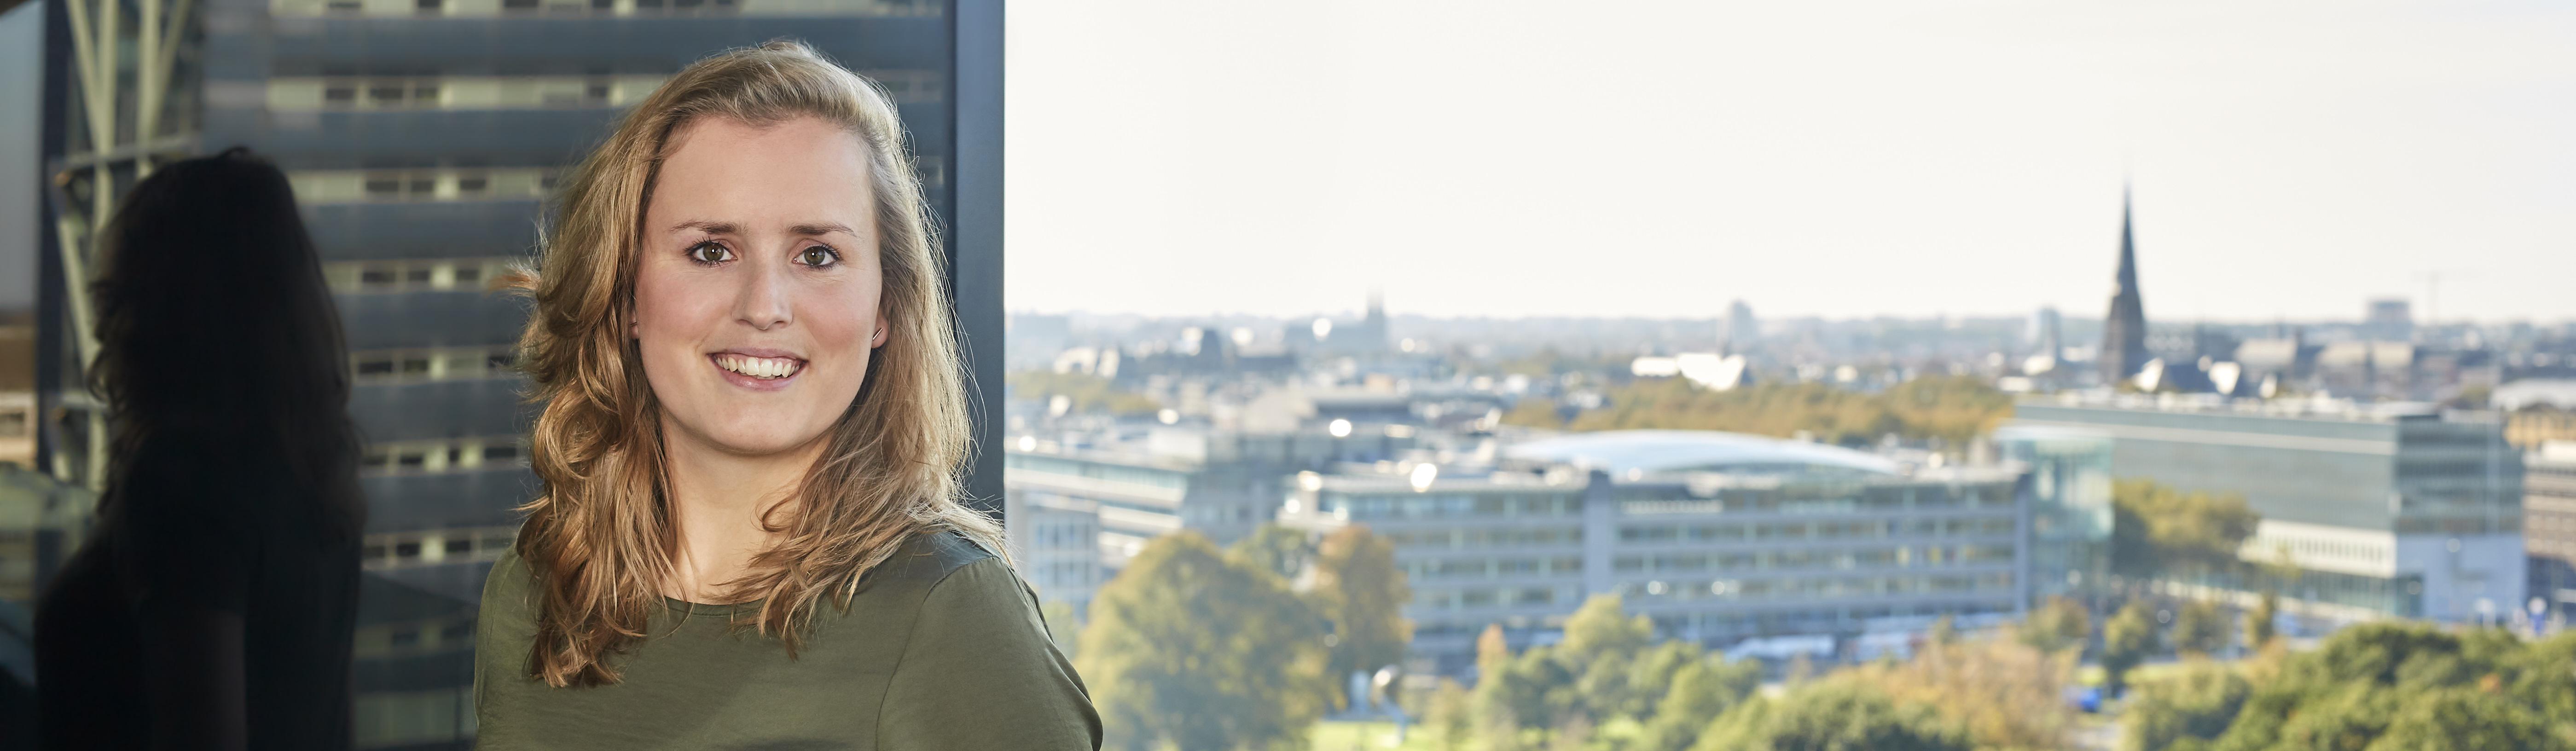 Sharona Heeroma, advocaat Pels Rijcken